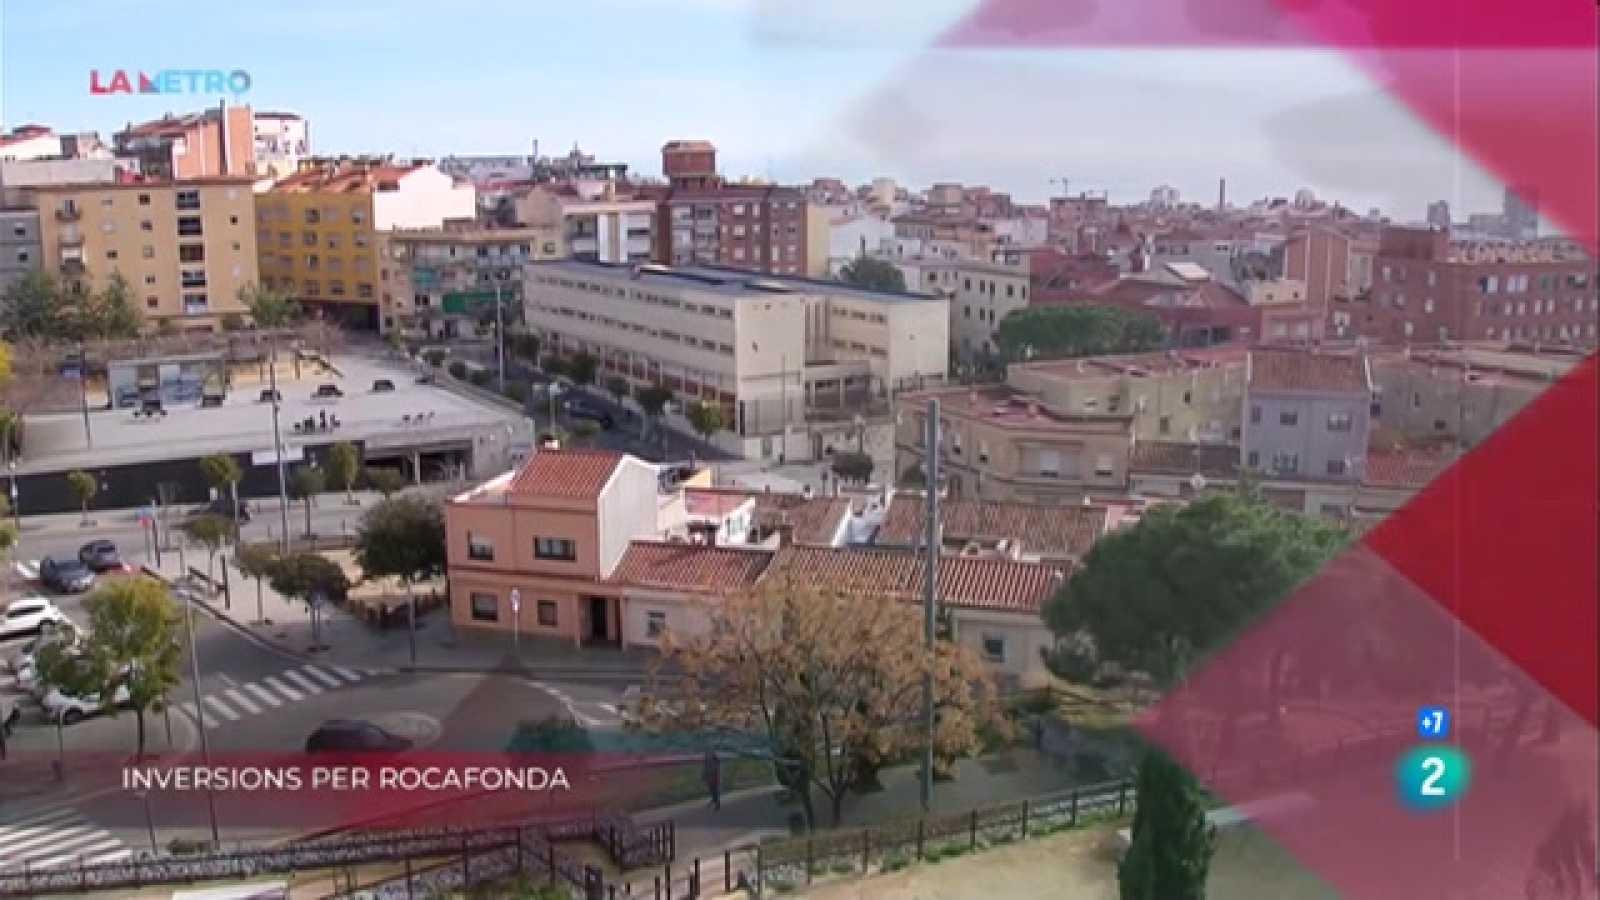 Inversions per Rocafonda, Lloguers prohibits i Platges sense fum a  La Metro